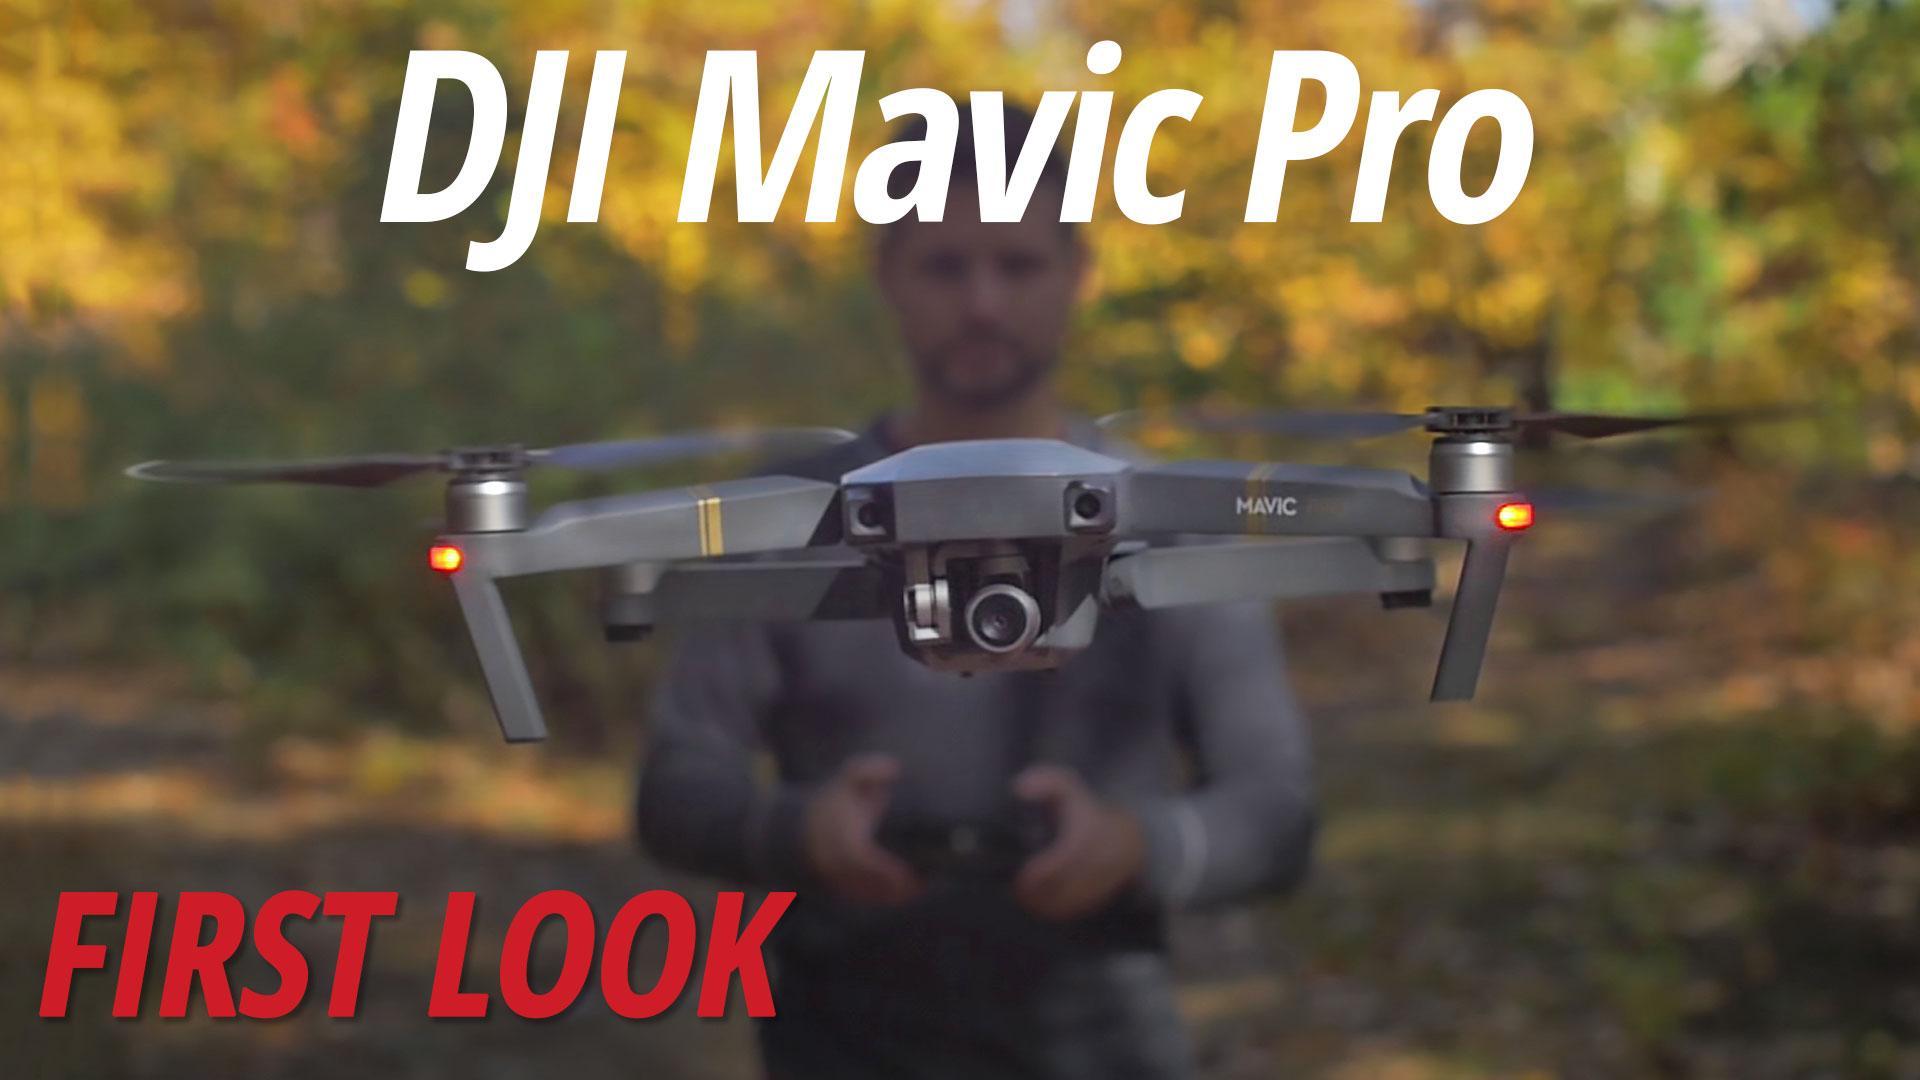 Commander drone parrot crash et avis drone dji f450